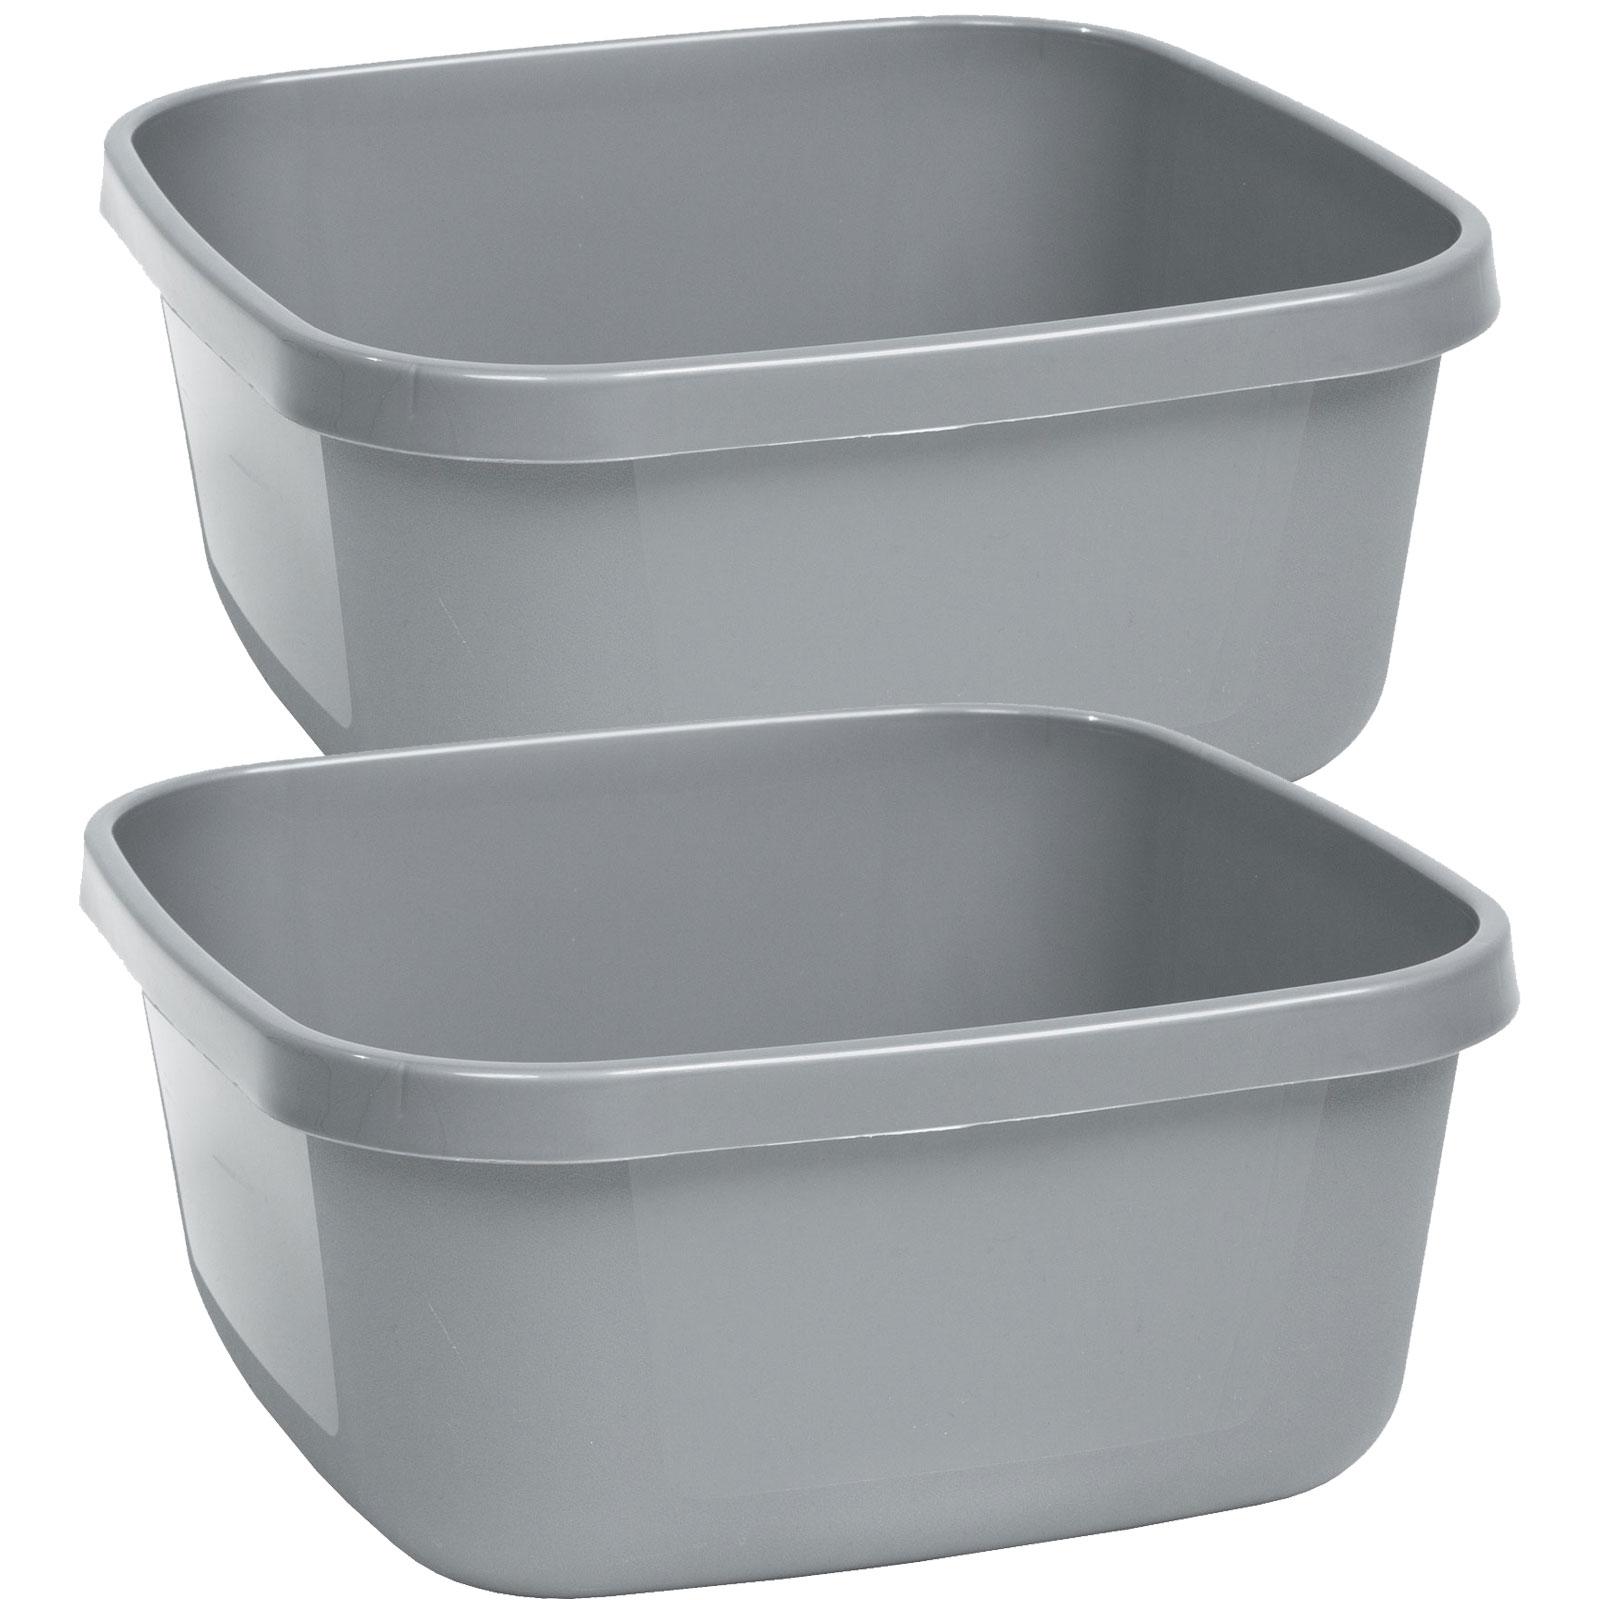 Waschschüssel 18,5Liter Campingschüssel Spülschüssel Spüle Plastikschüssel Eimer